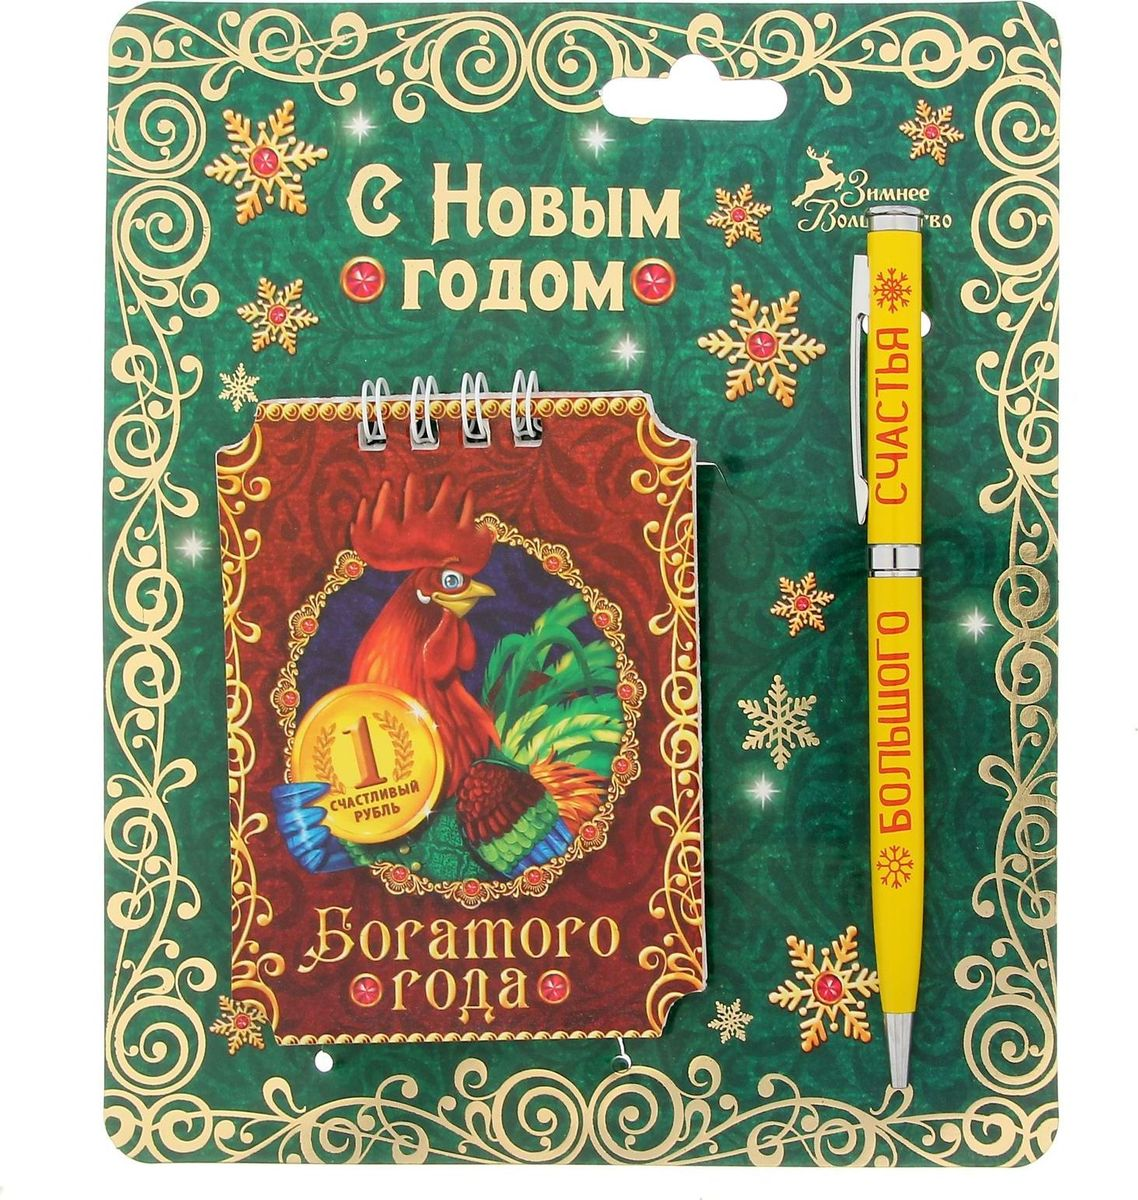 Набор с блокнотом и ручкой Богатого года51525Если вы ищете сувенир, который сочетает в себе сразу несколько качеств, то подарочный набор с ручкой и блокнотом — то, что вам нужно! Такой подарок обязательно придется по душе тем, кто ценит практичные презенты. Оригинальная ручка с теплыми пожеланиями и блокнот с яркими рисунками крепятся к красочной подложке, поэтому такой сувенир станет великолепным подарком для друзей, коллег или знакомых.